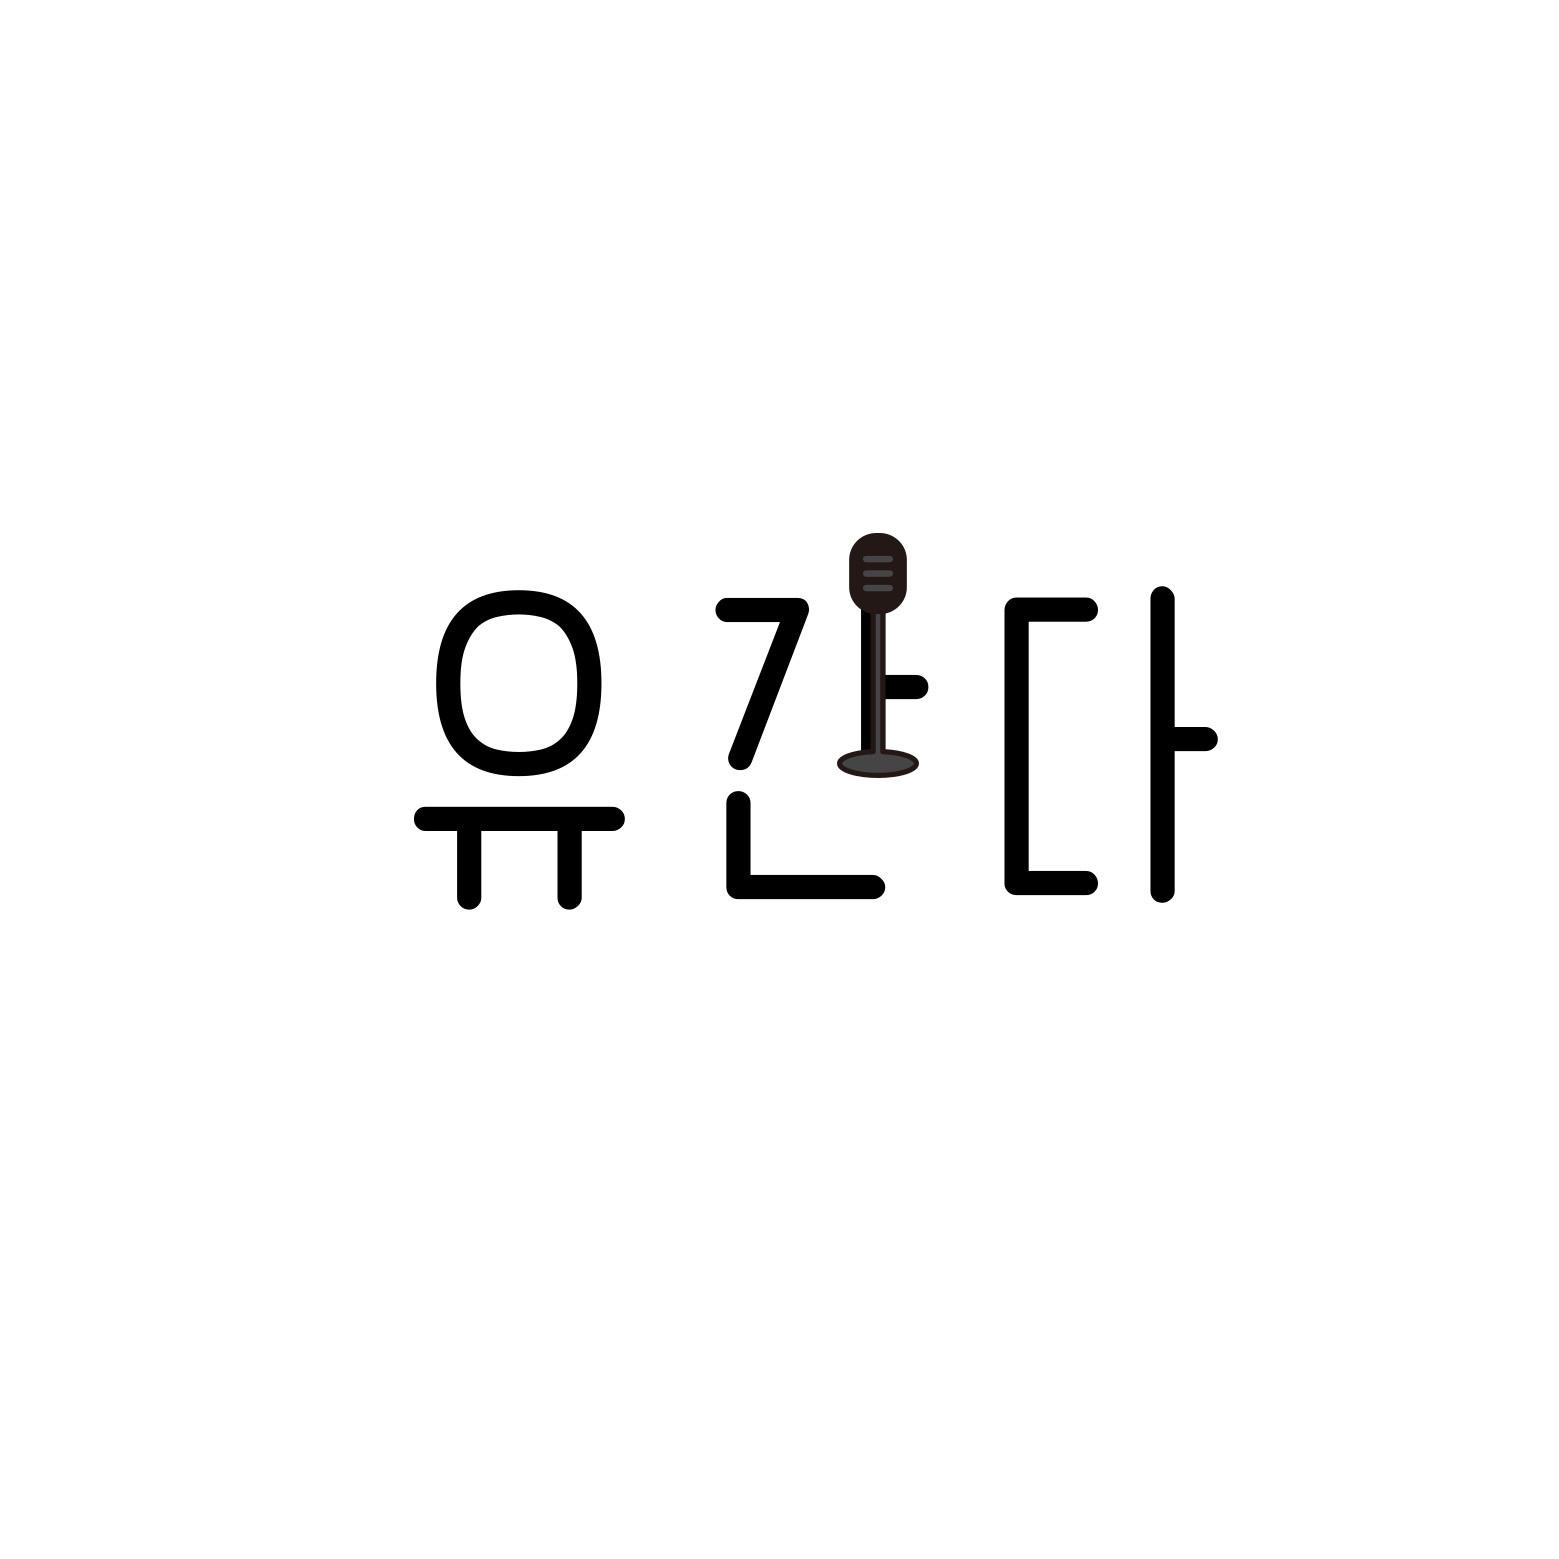 음악대학 유학 상담